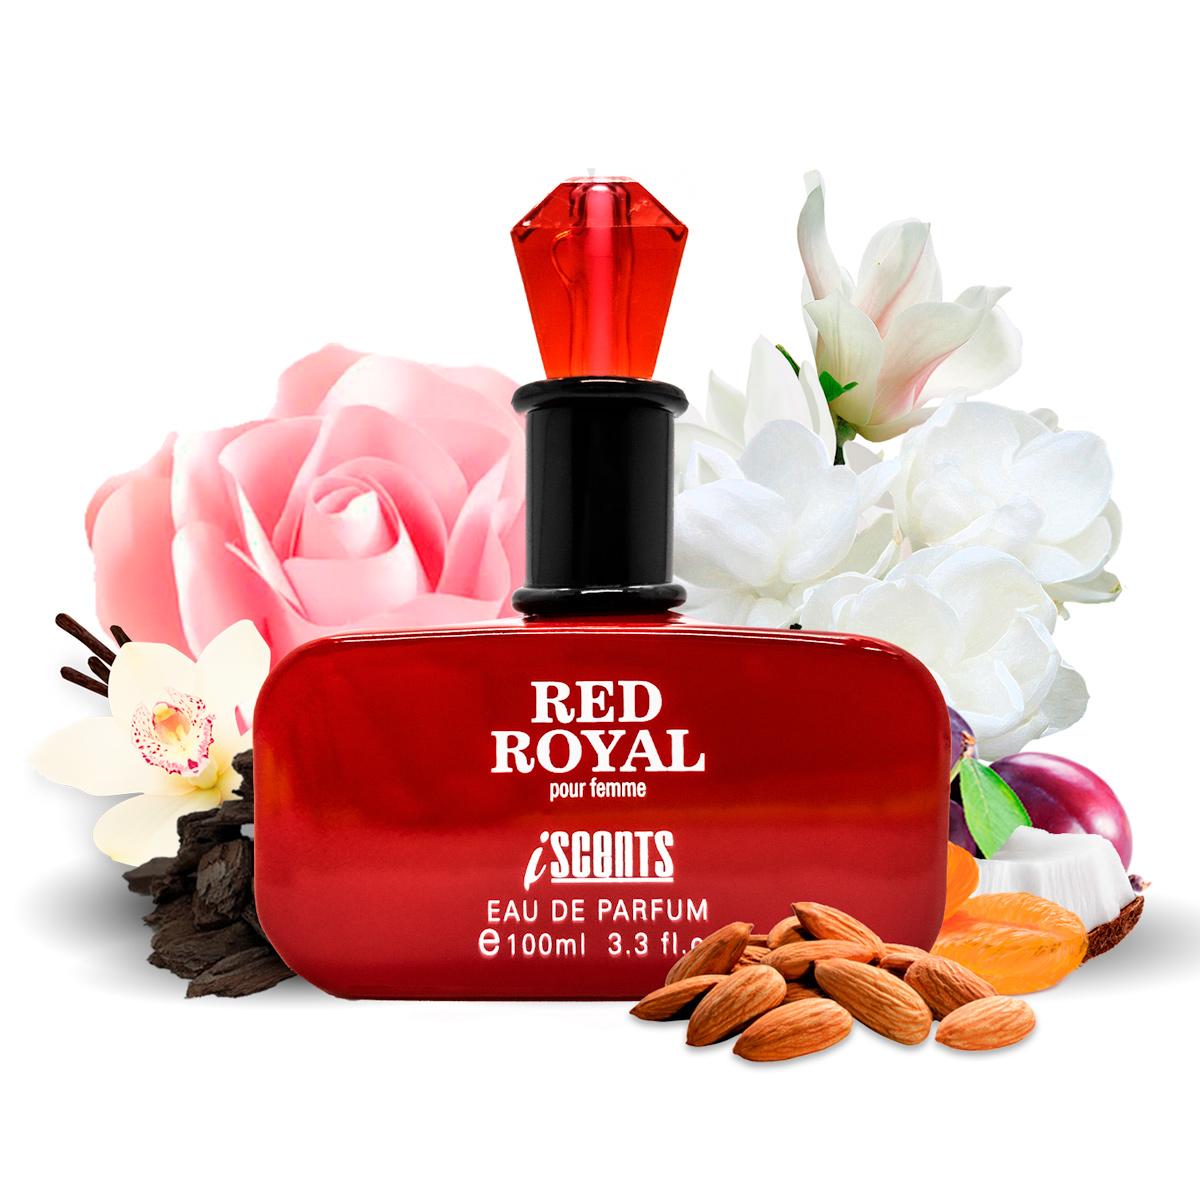 Perfume Red Royal Feminino edp 100ml - I Scents